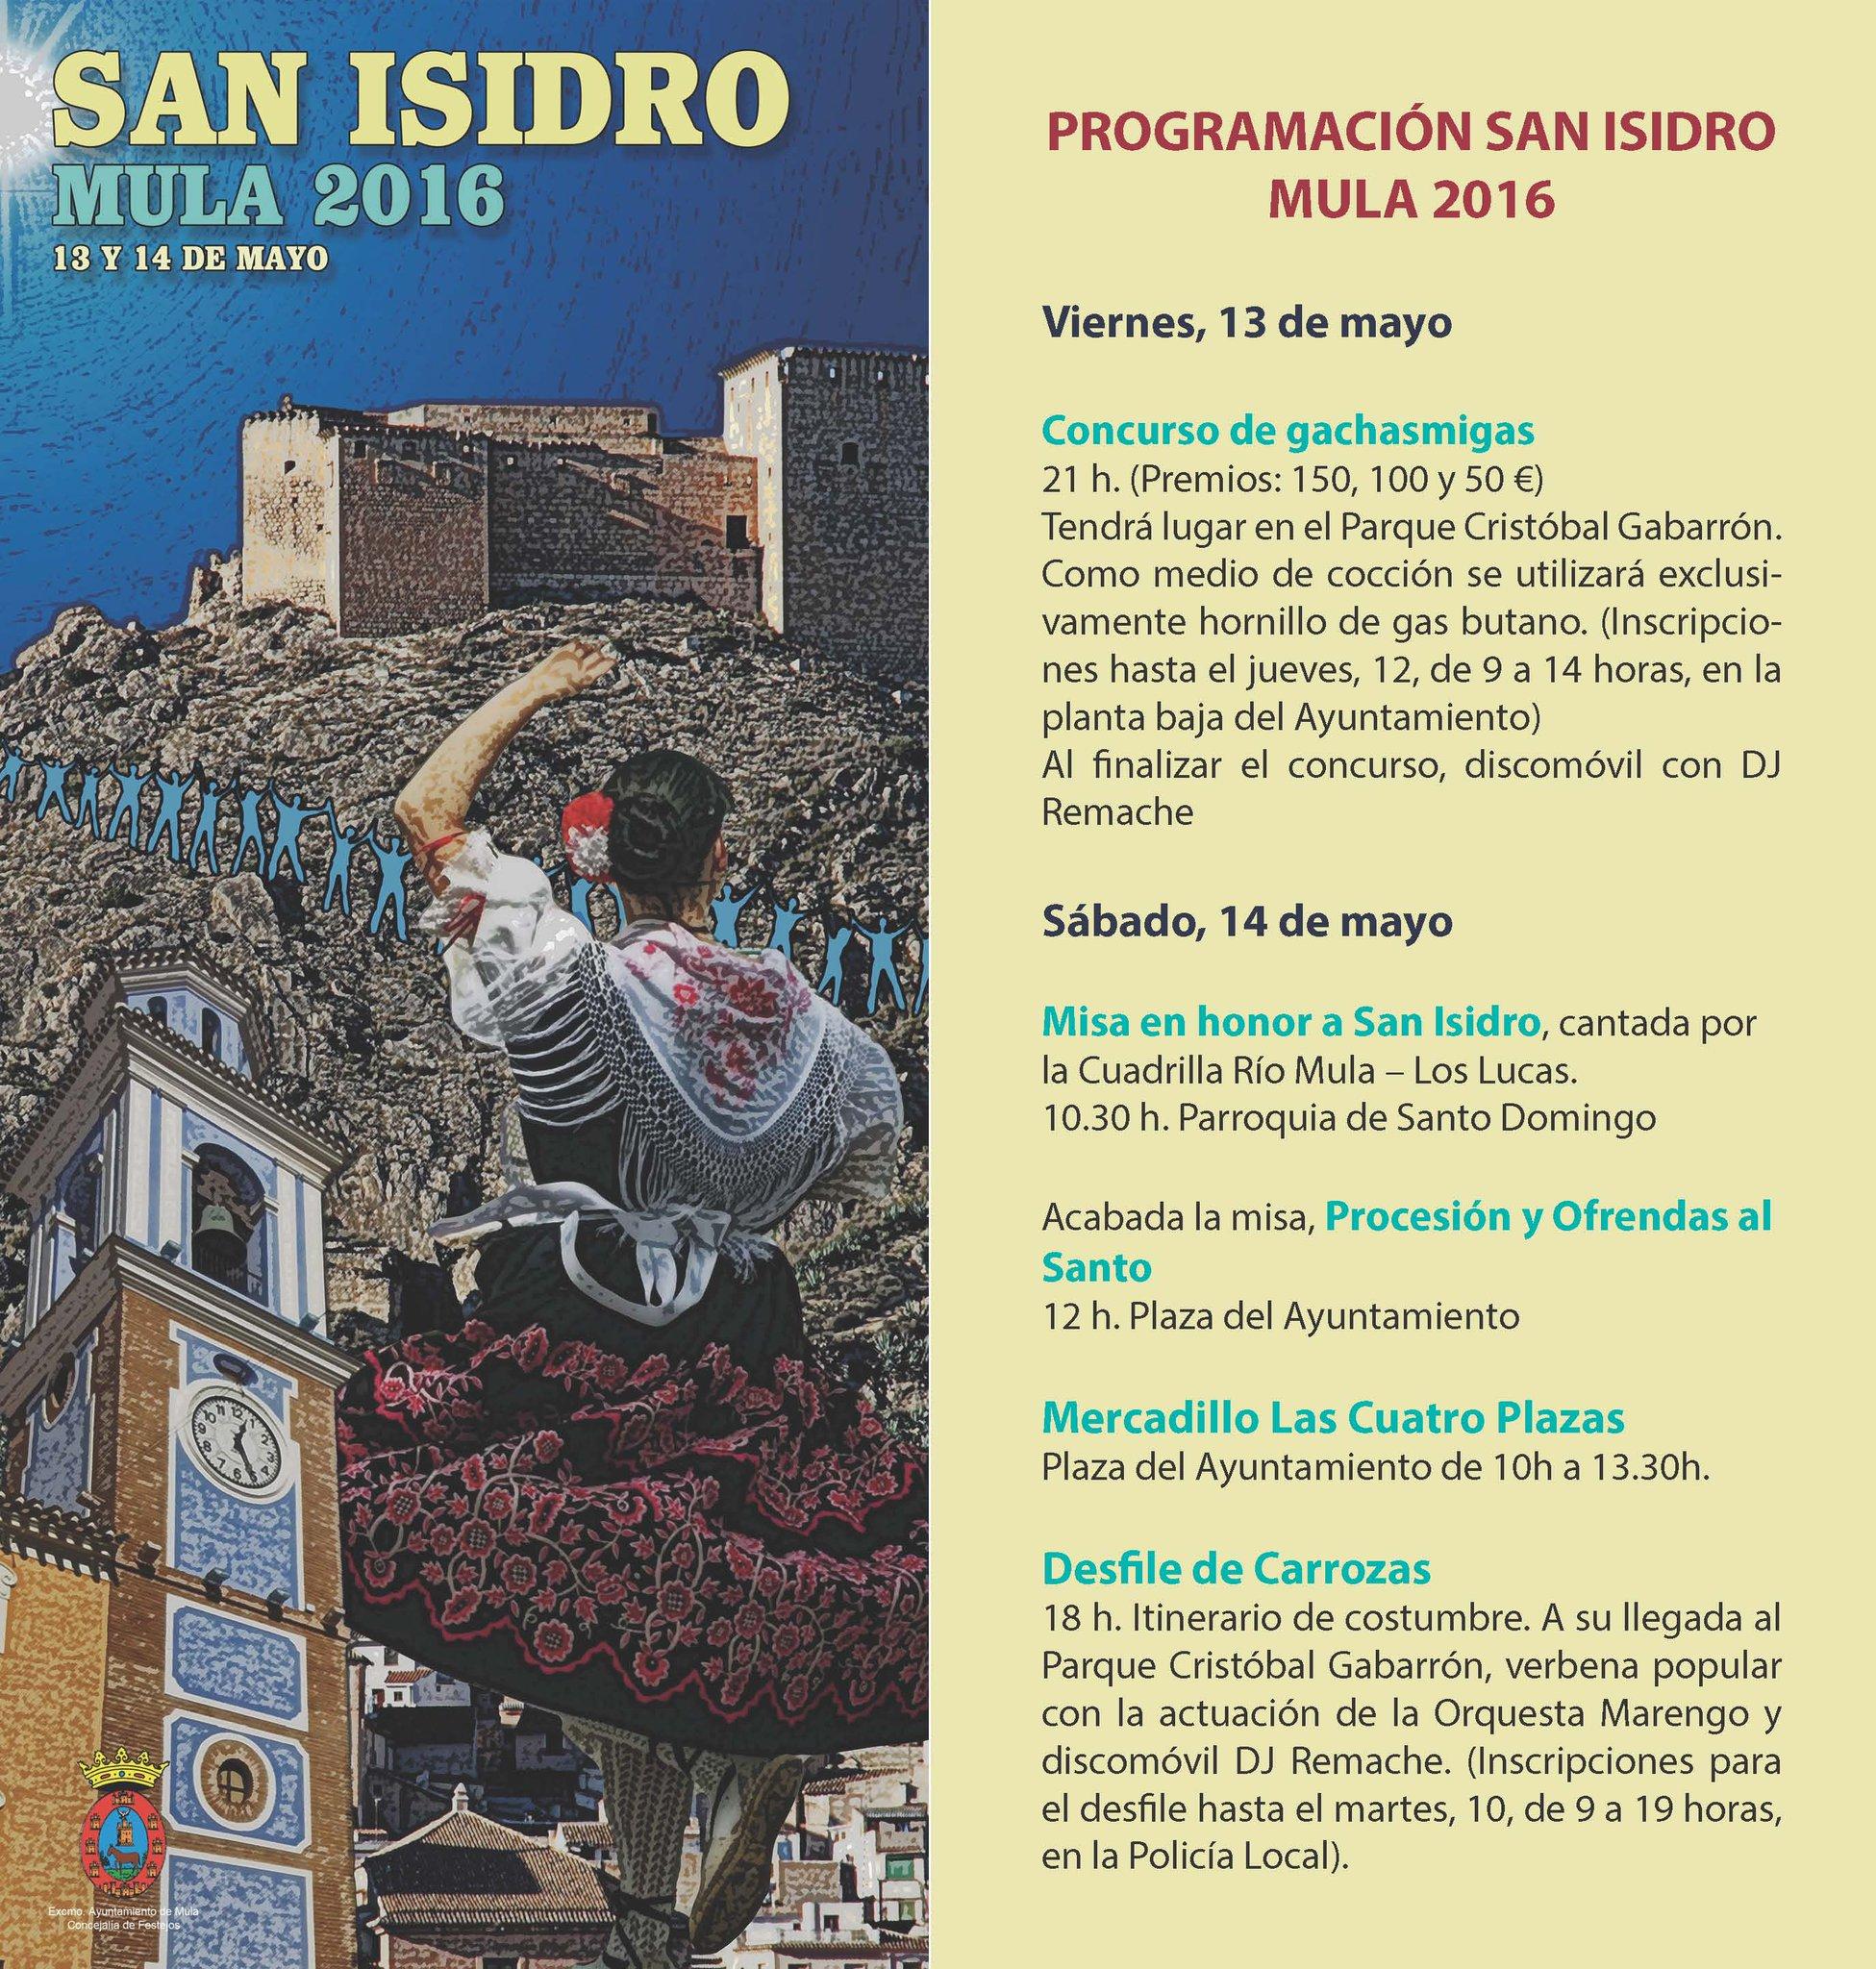 Fiestas de san isidro mula 2016 la gu a w la gu a for Juzgado san isidro